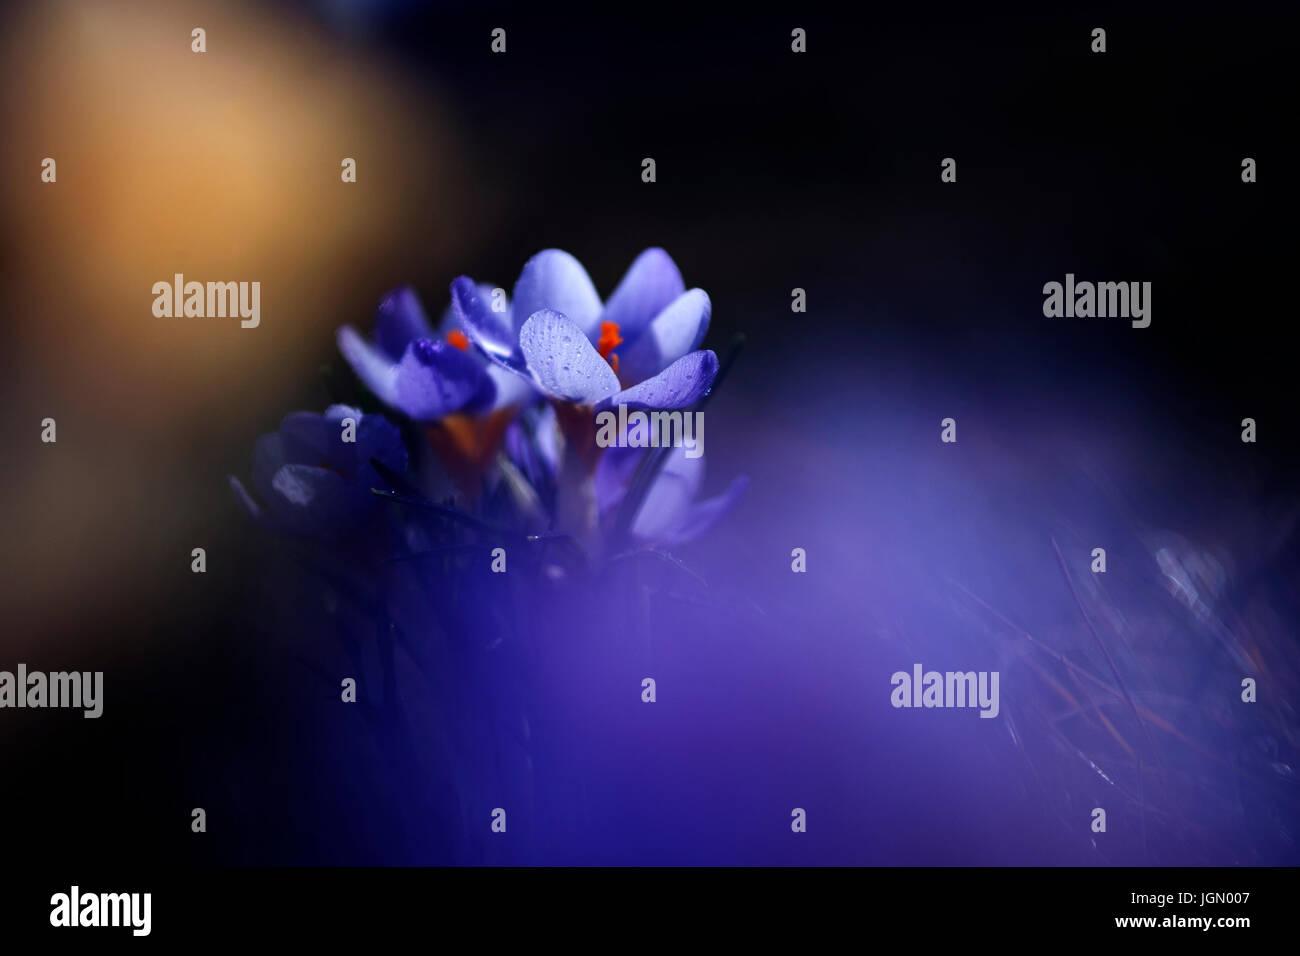 Kreative künstlerische Blume Foto im Sonnenuntergang Stockbild